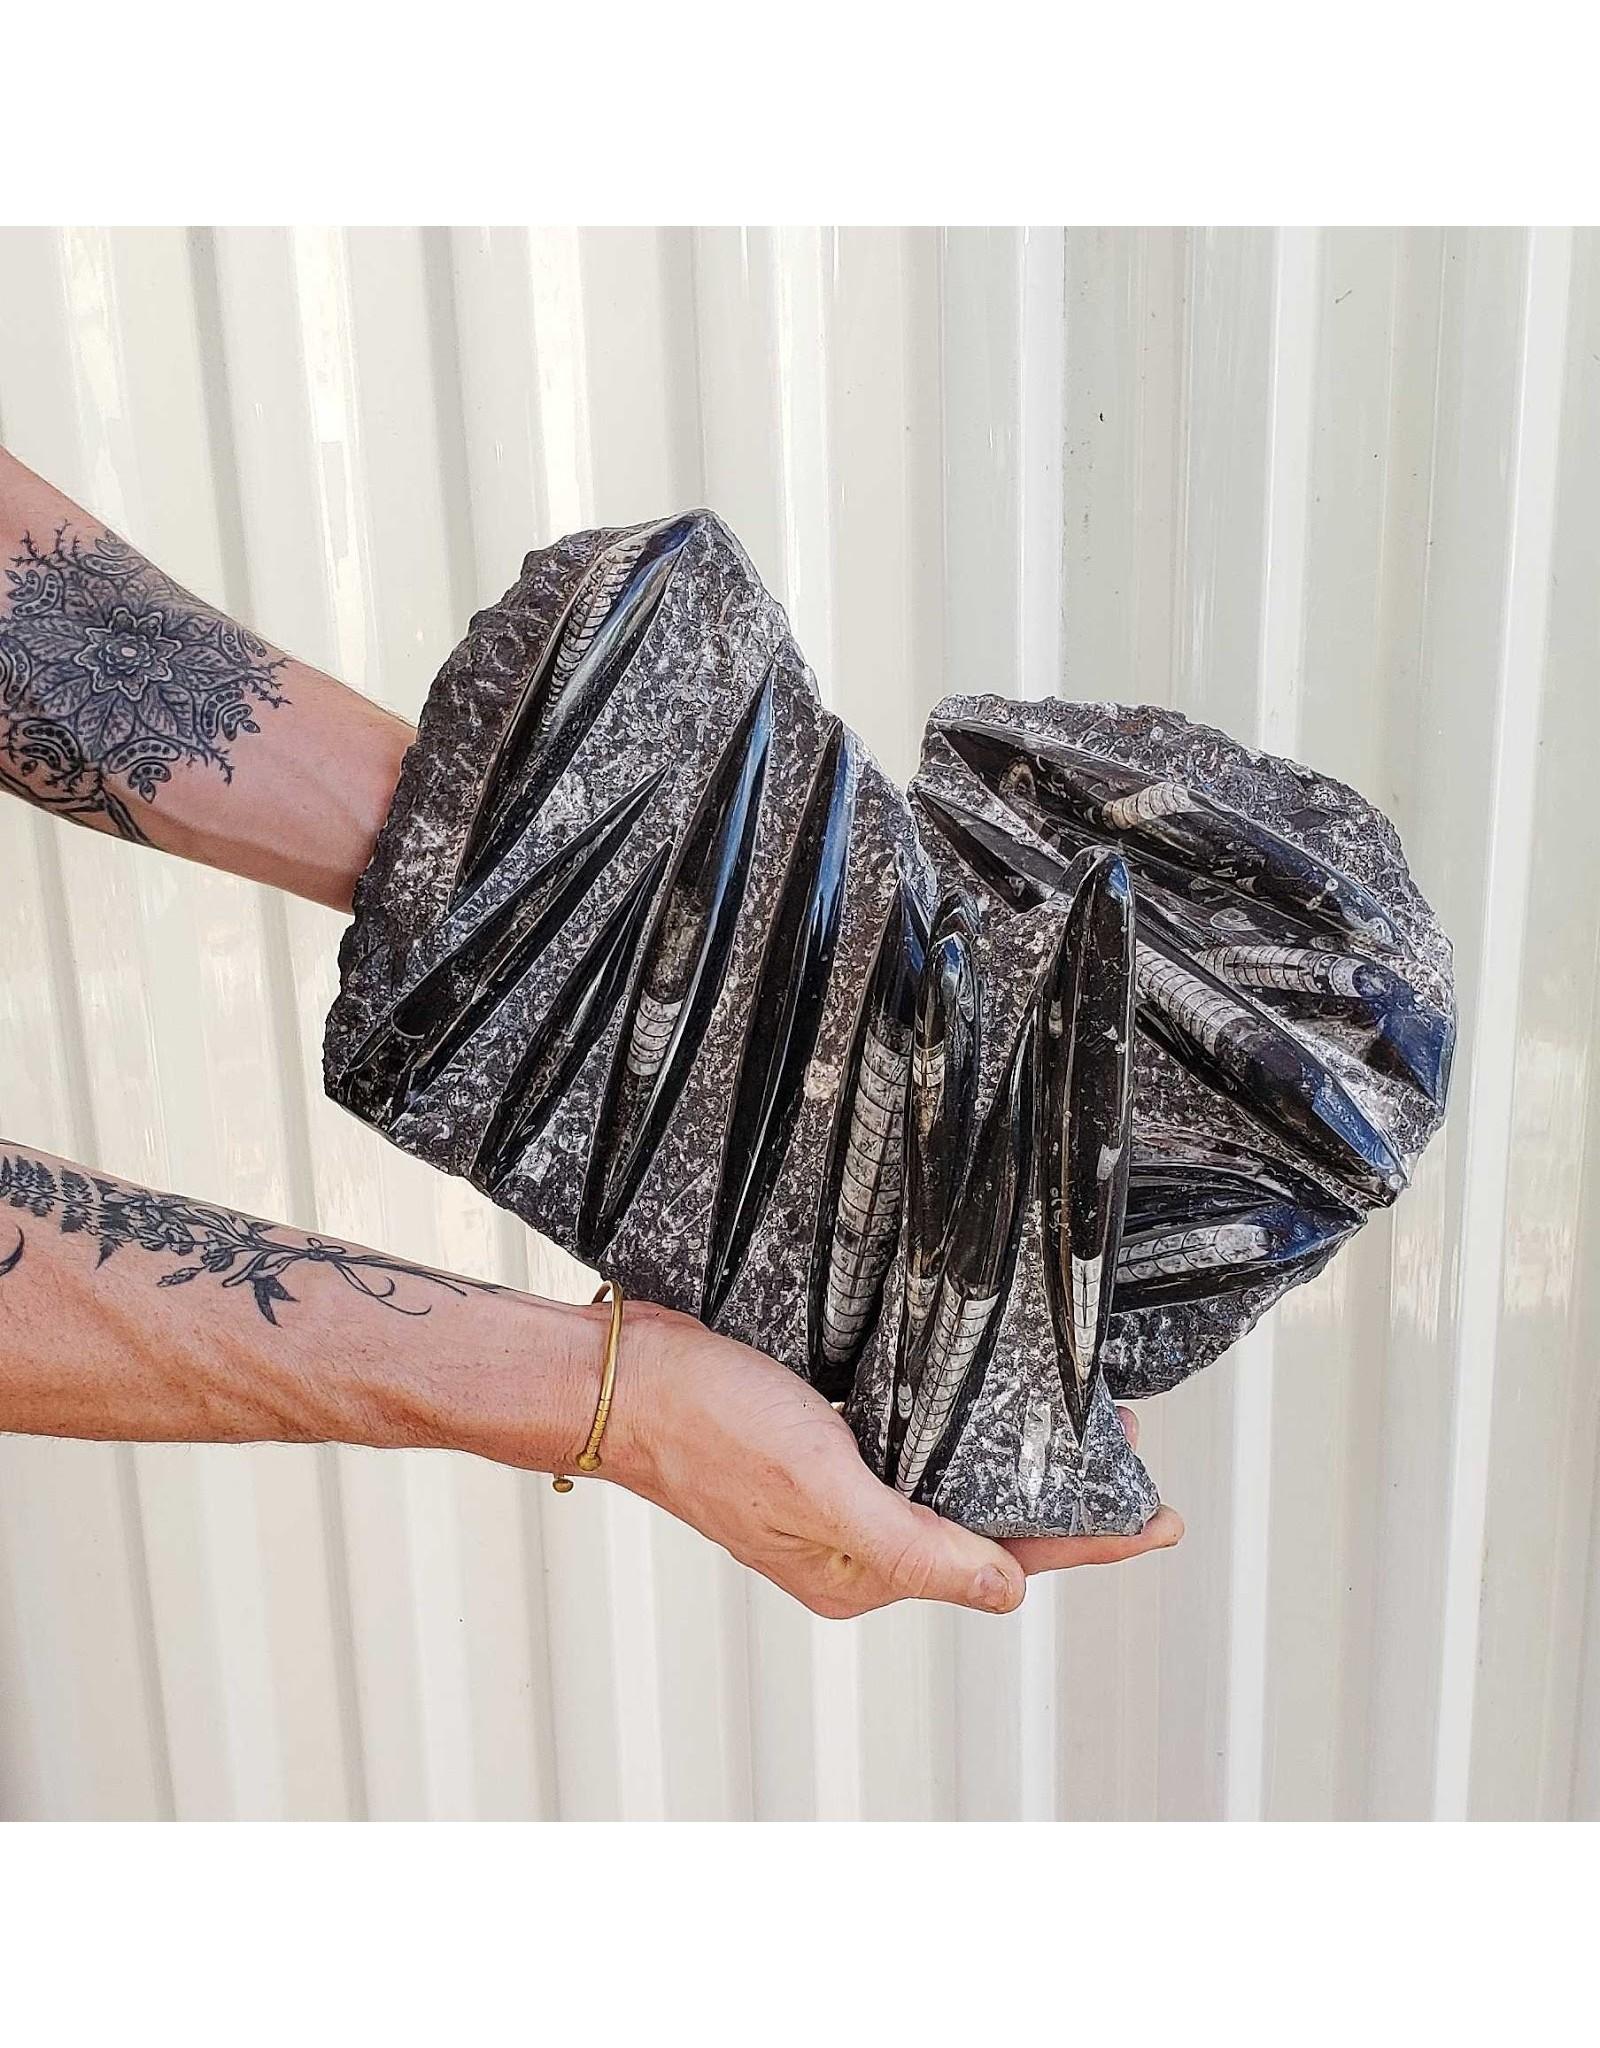 Medium Orthoceras Fossil Slab